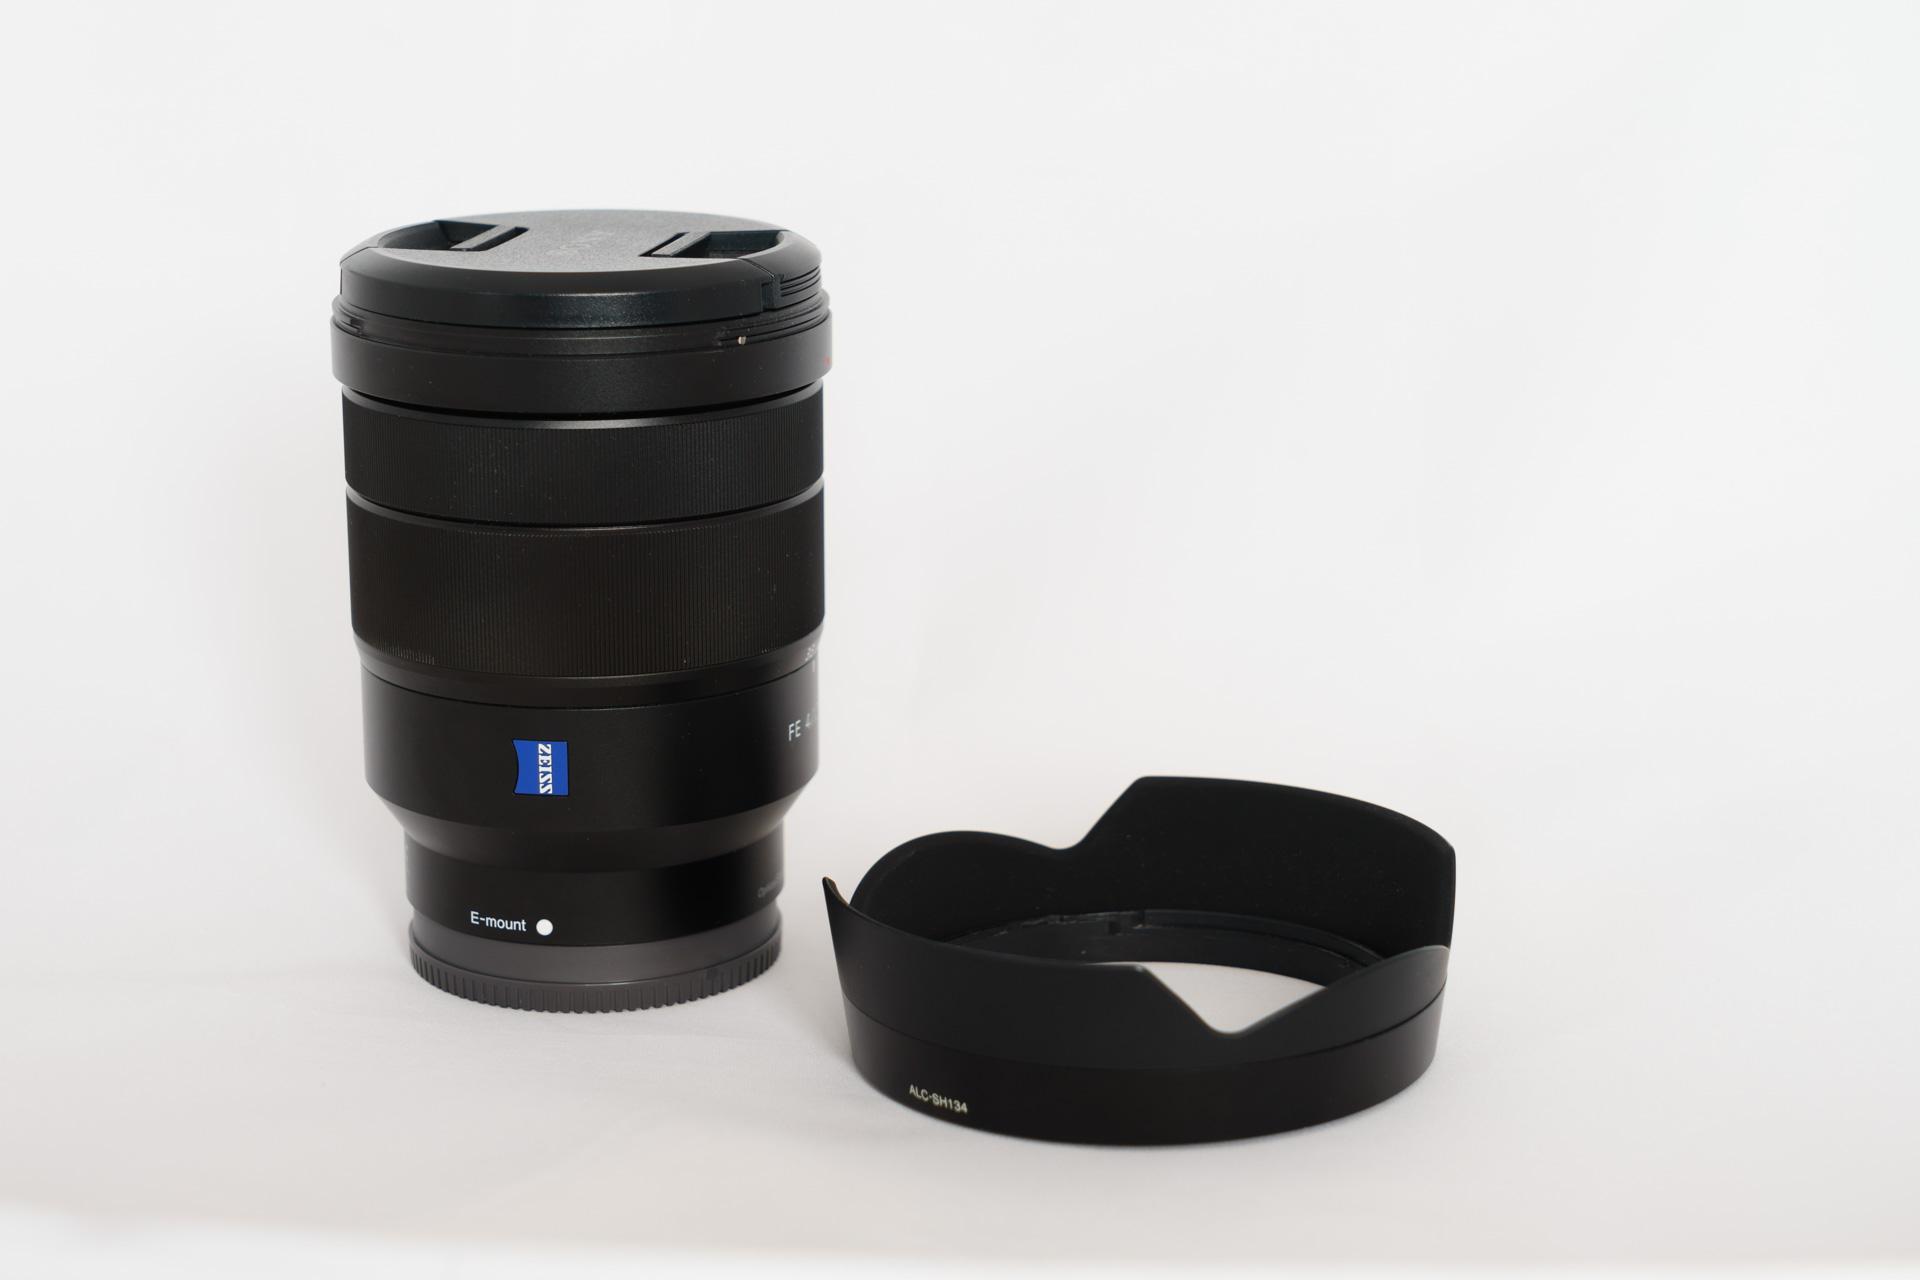 Sony Zeiss FE 16-35mm Lens